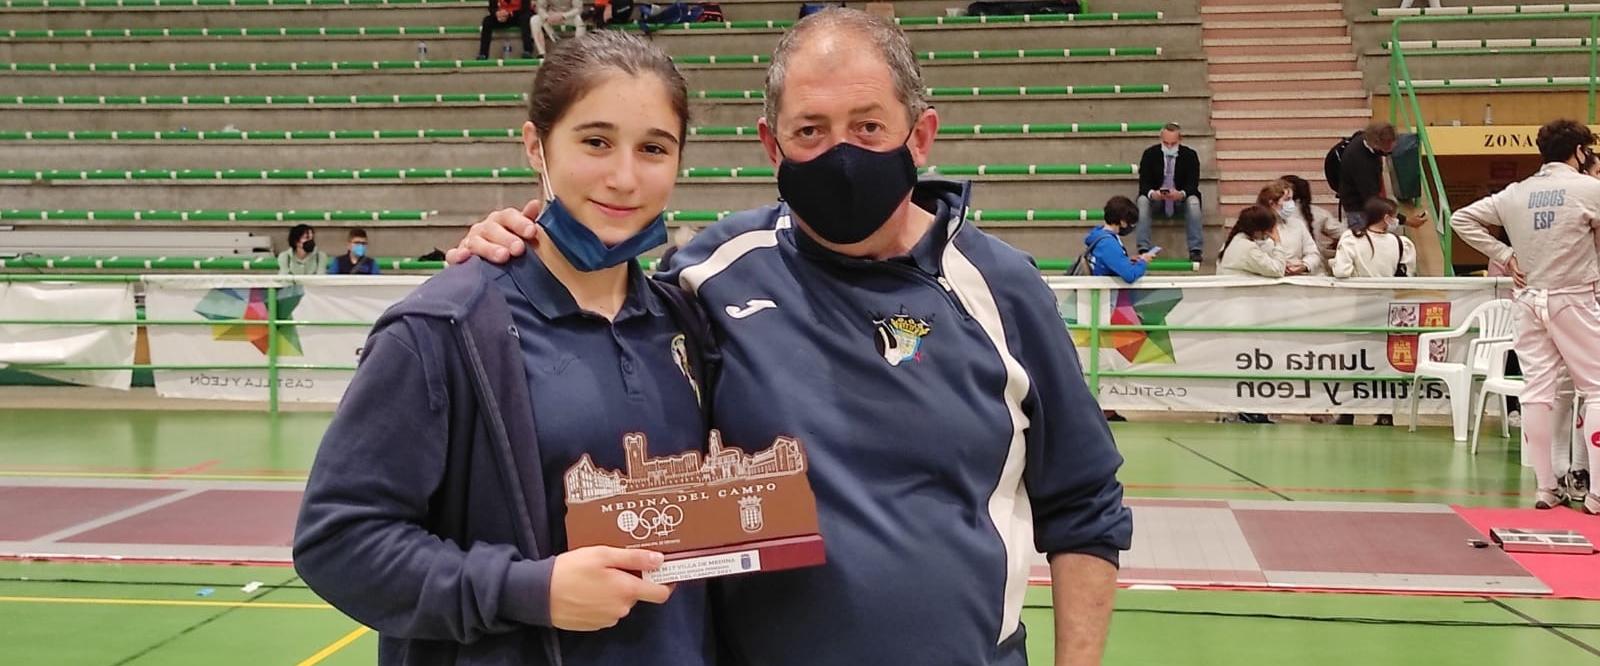 Lola Estévez se lleva el bronce en Medina del Campo